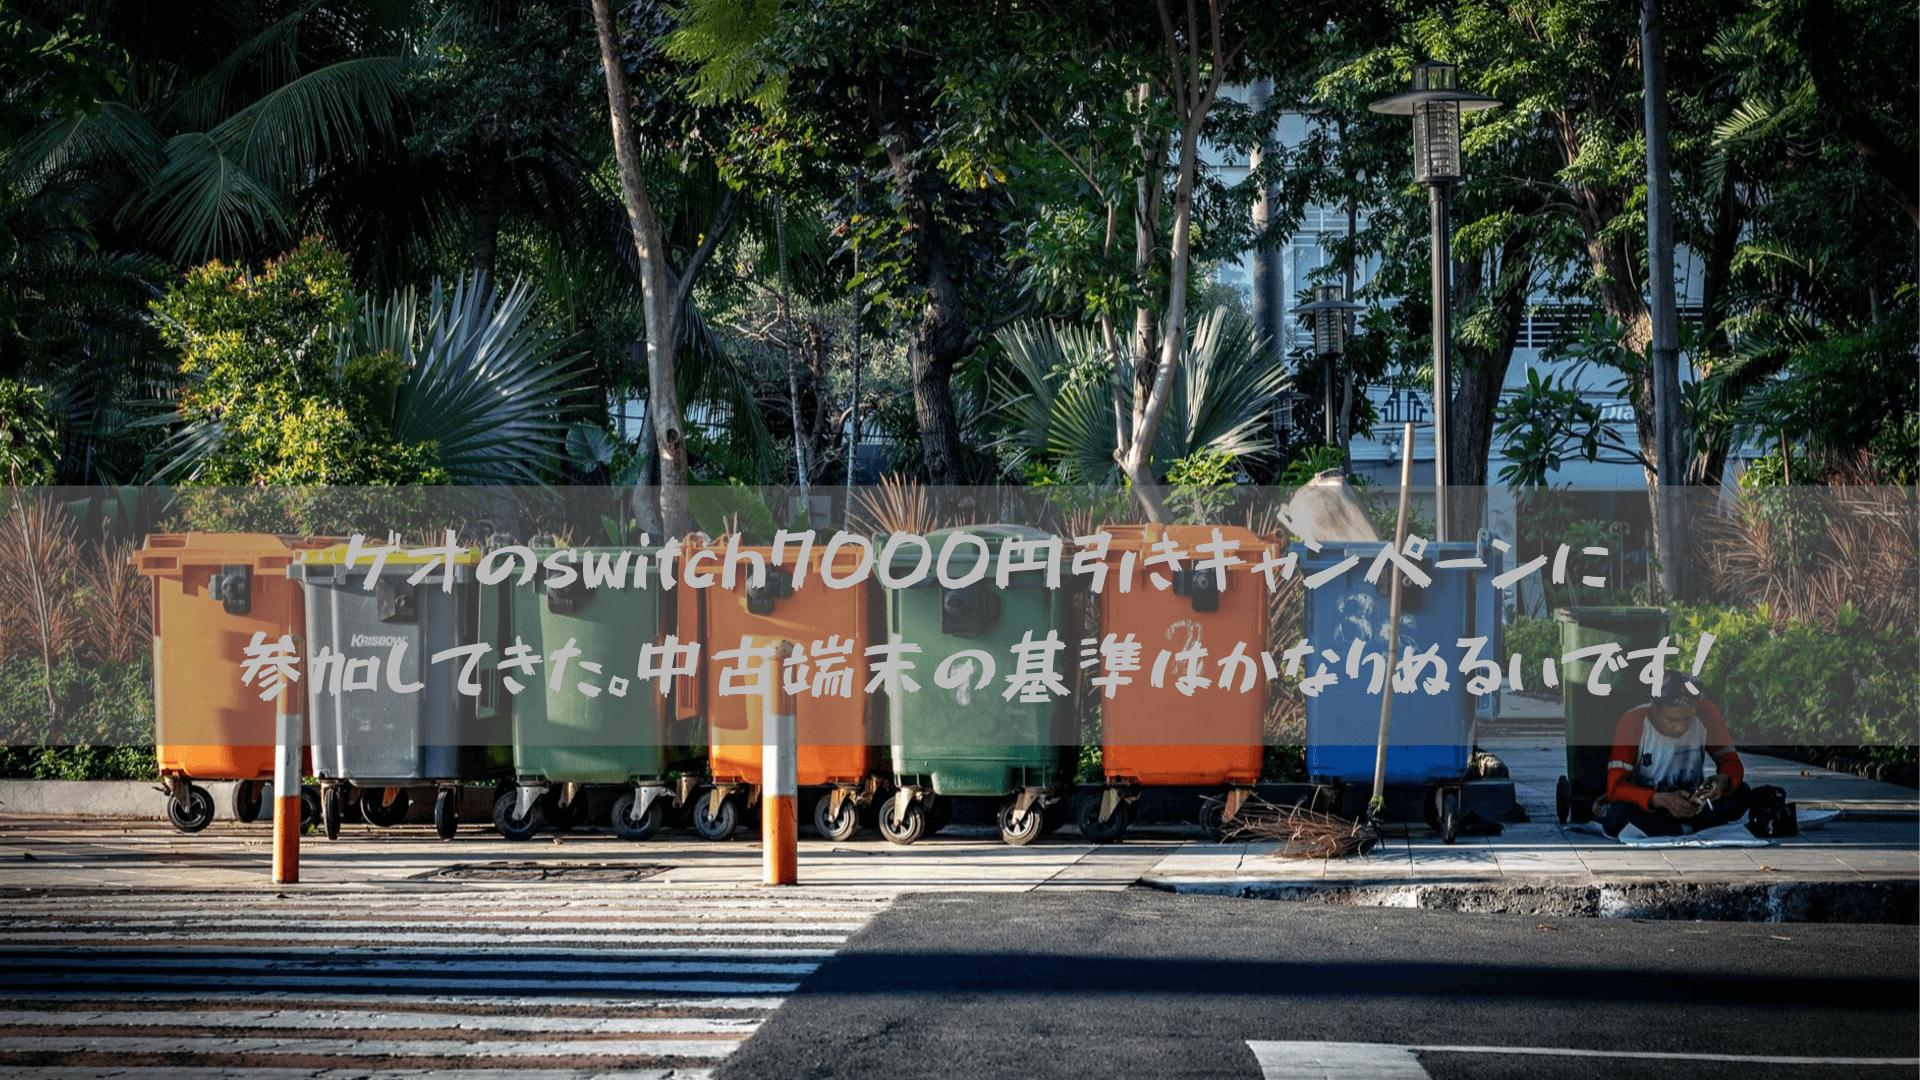 ゲオのswitch7000円引きキャンペーンに参加してきた。中古端末の基準はかなりぬるいです!